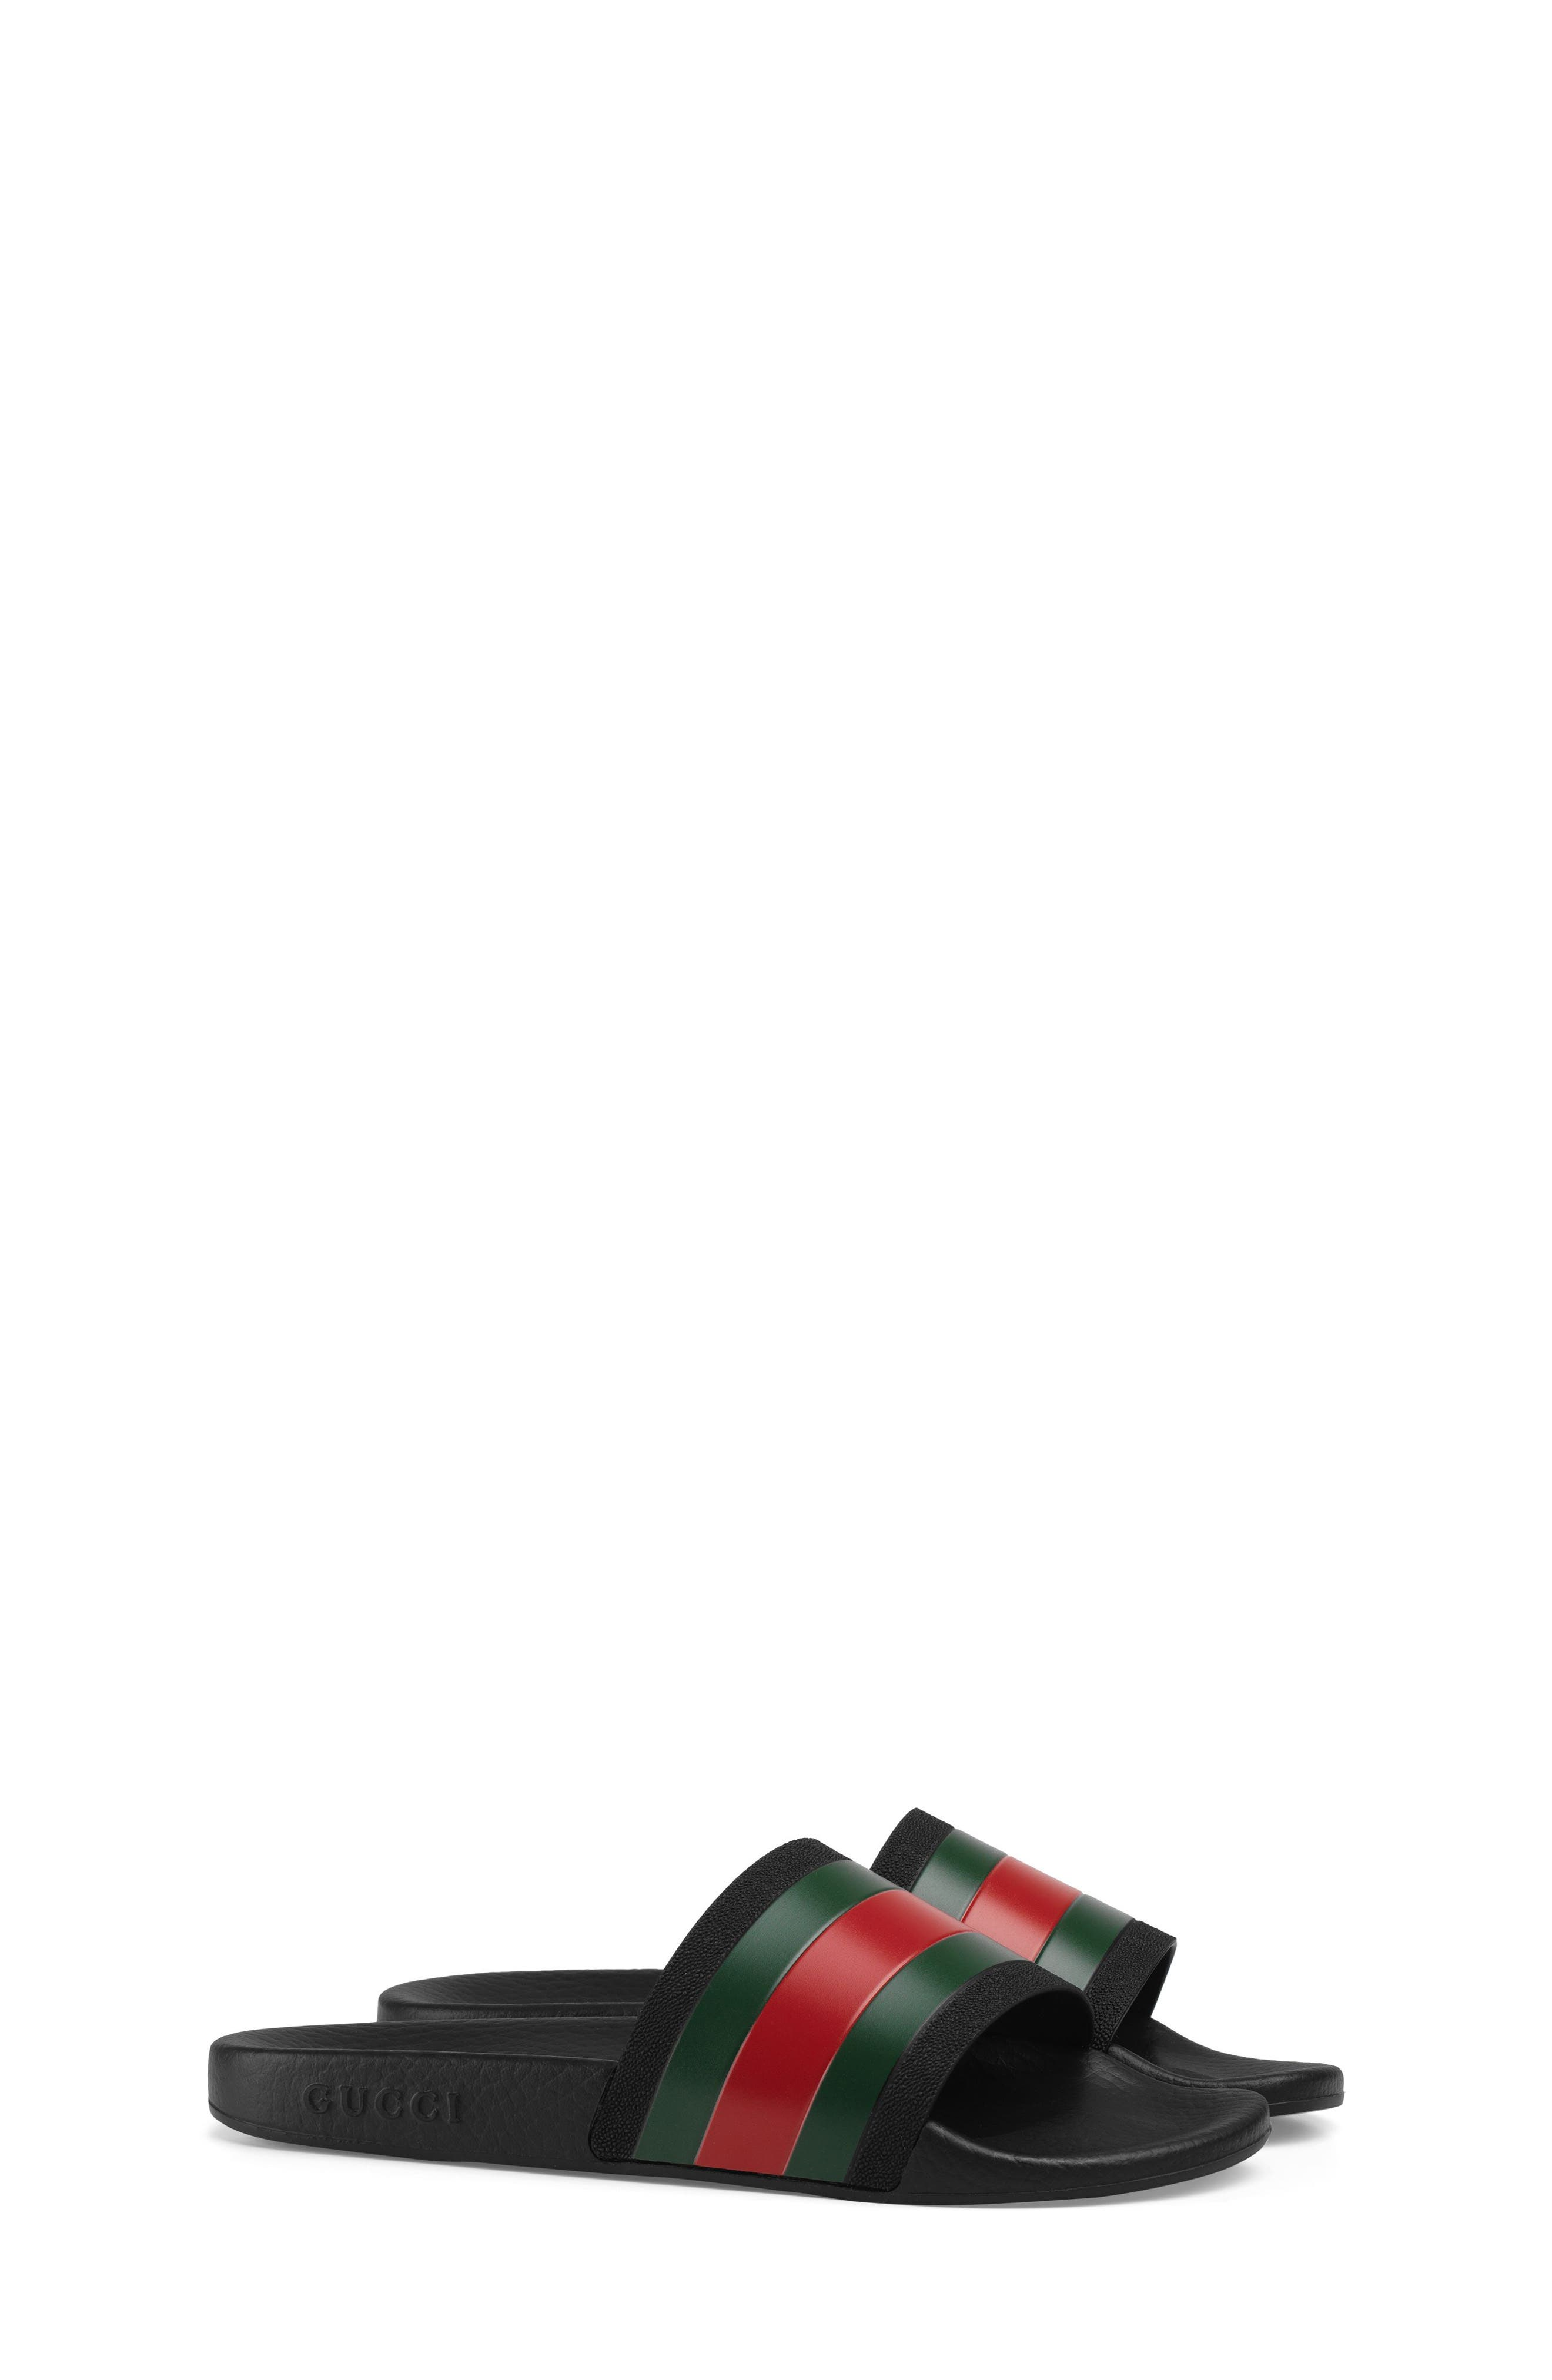 Pursuit Slide Sandal,                         Main,                         color, 001